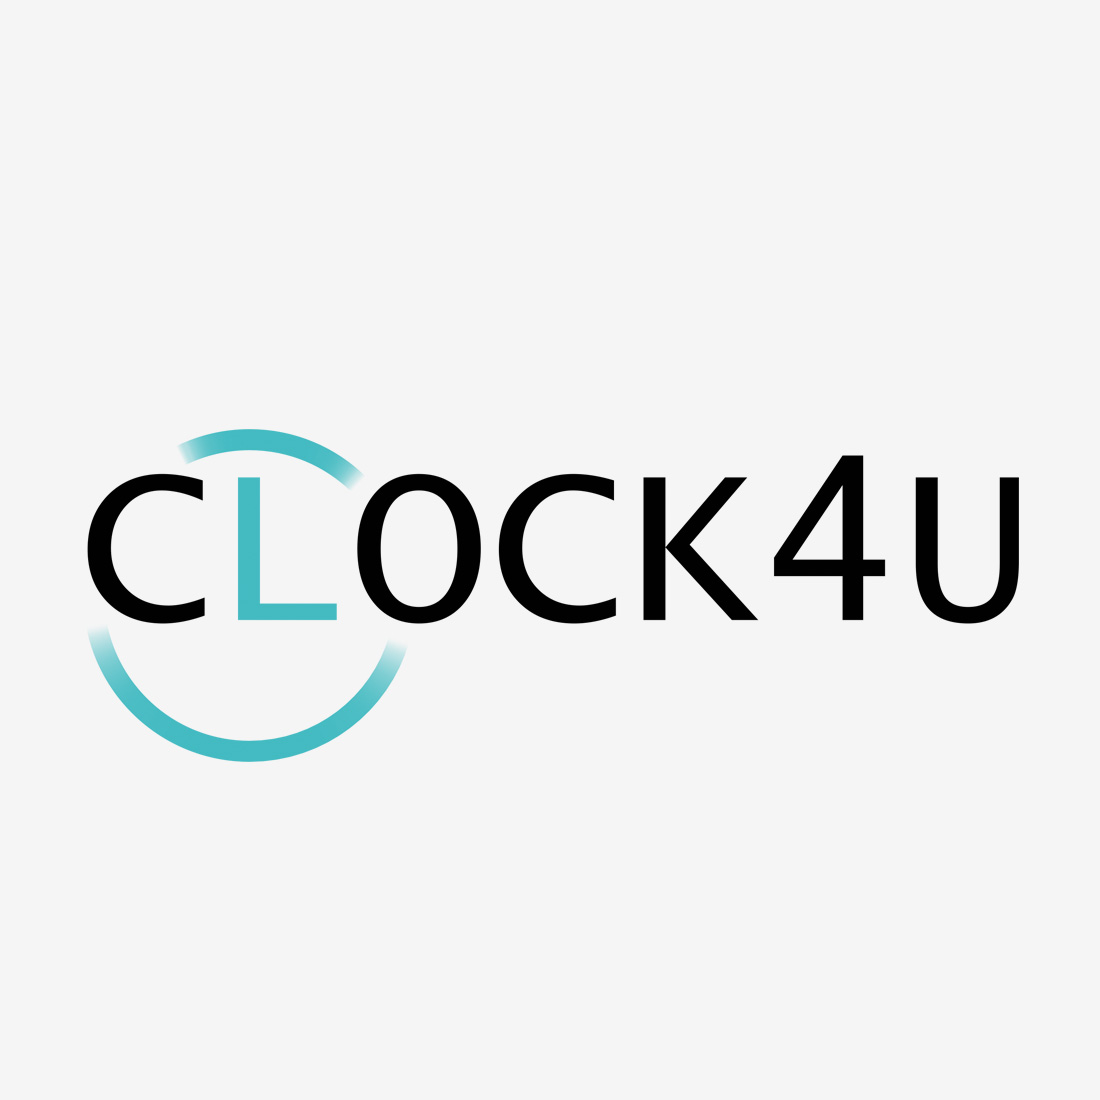 Clock4u